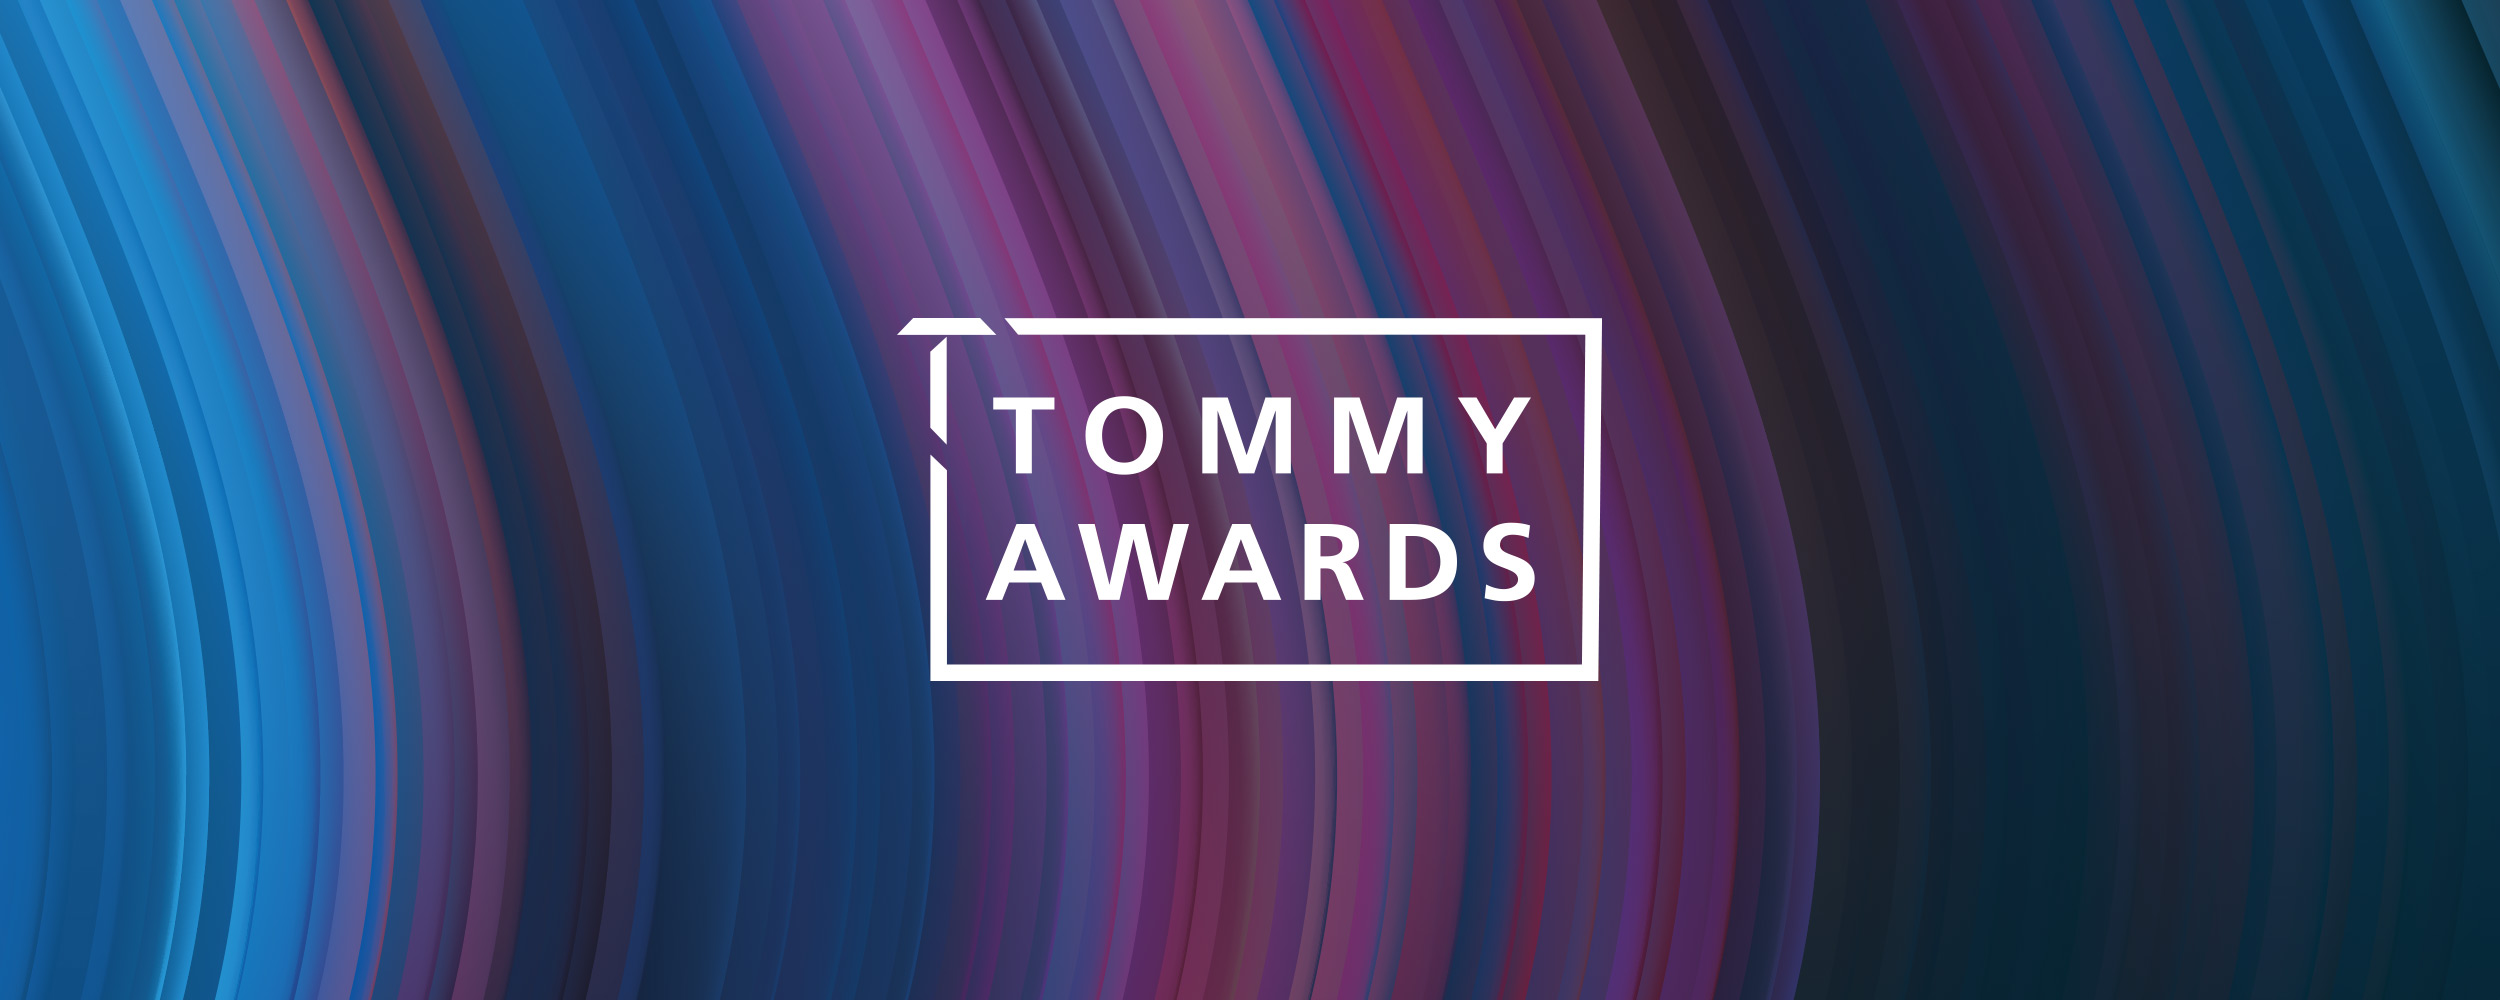 Tommy Awards